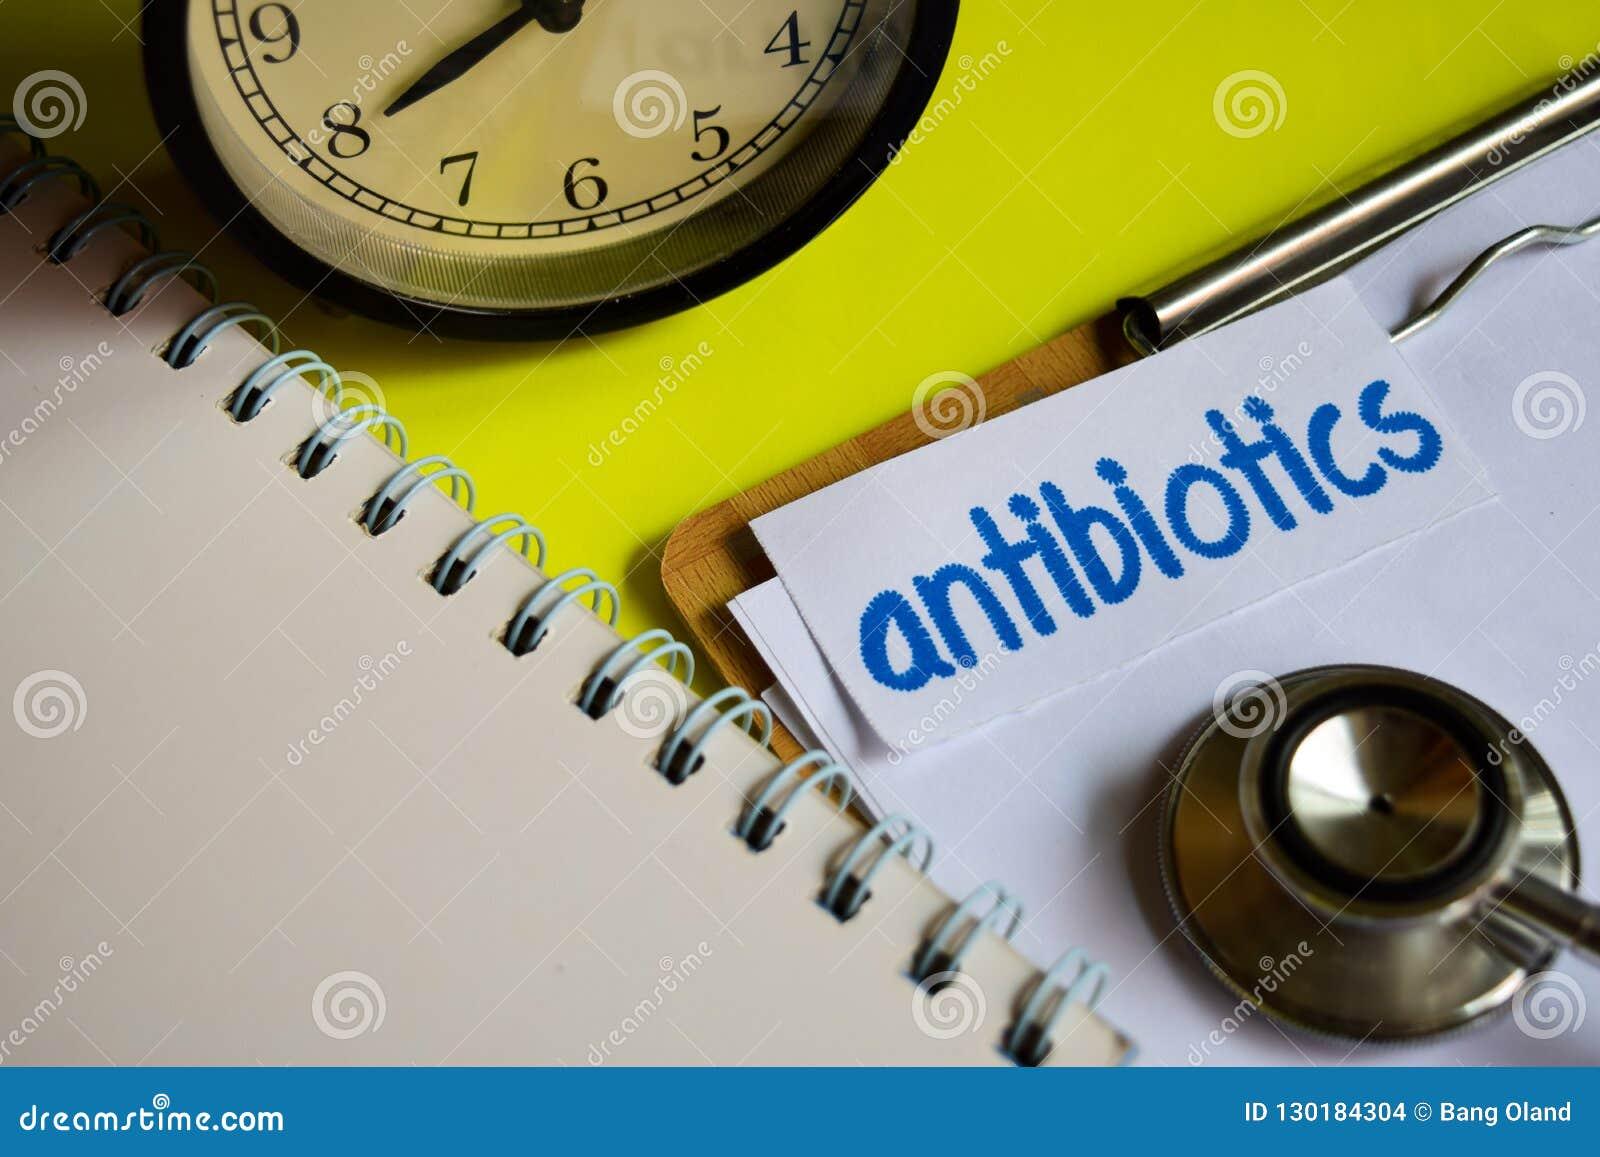 Antibiotica op de inspiratie van het gezondheidszorgconcept op gele achtergrond